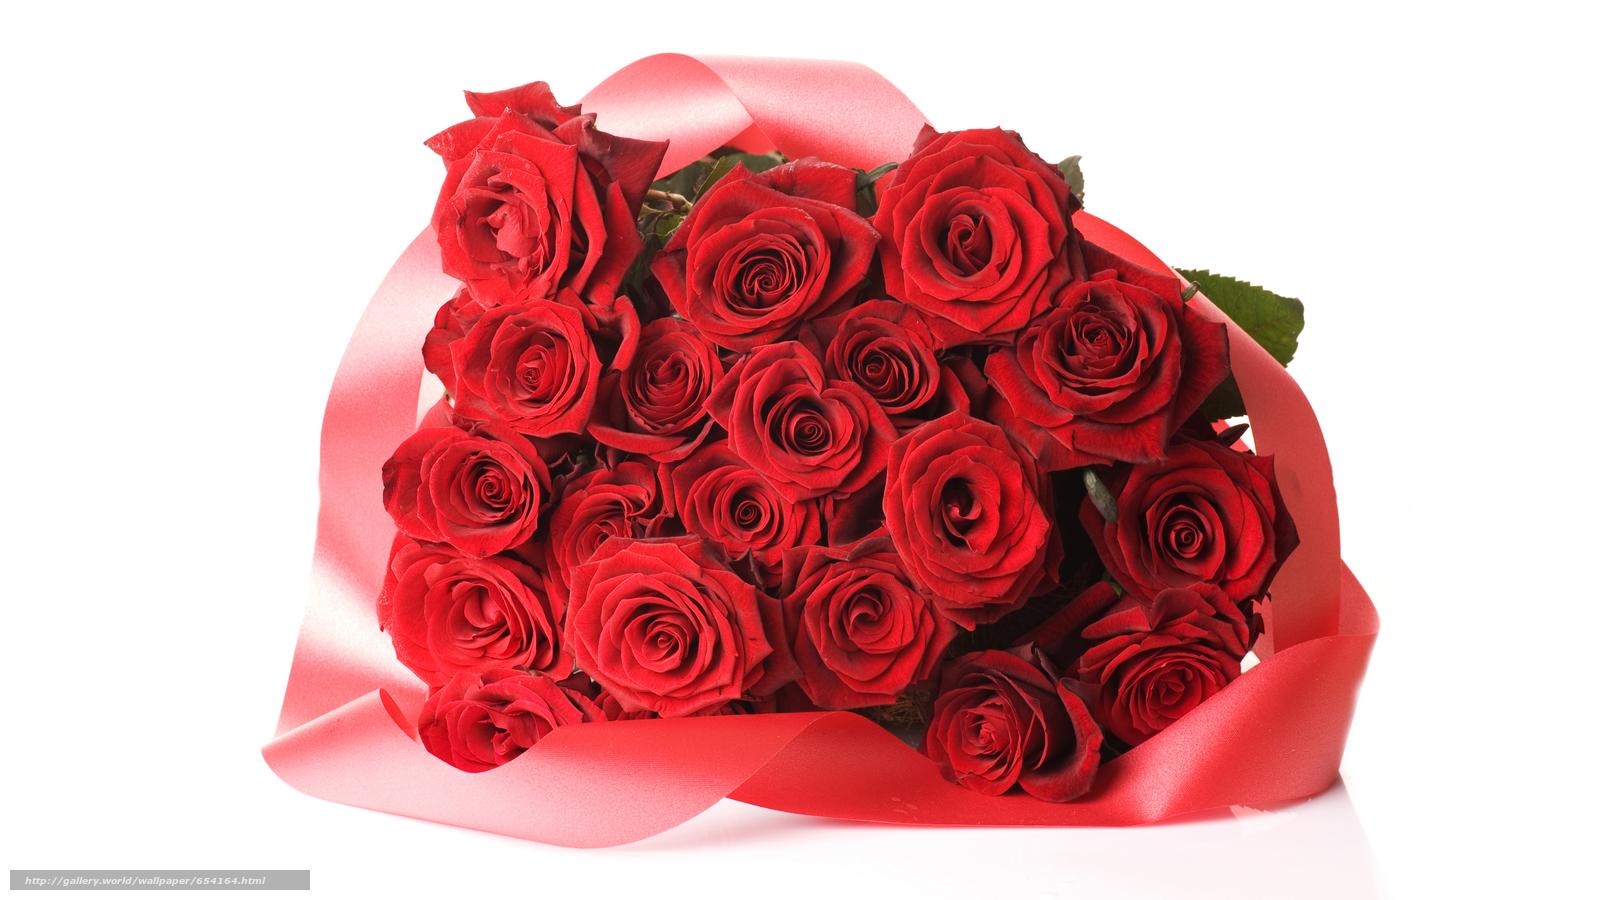 Скачать обои роза,  розы,  цветок,  цветы бесплатно для рабочего стола в разрешении 9236x5195 — картинка №654164